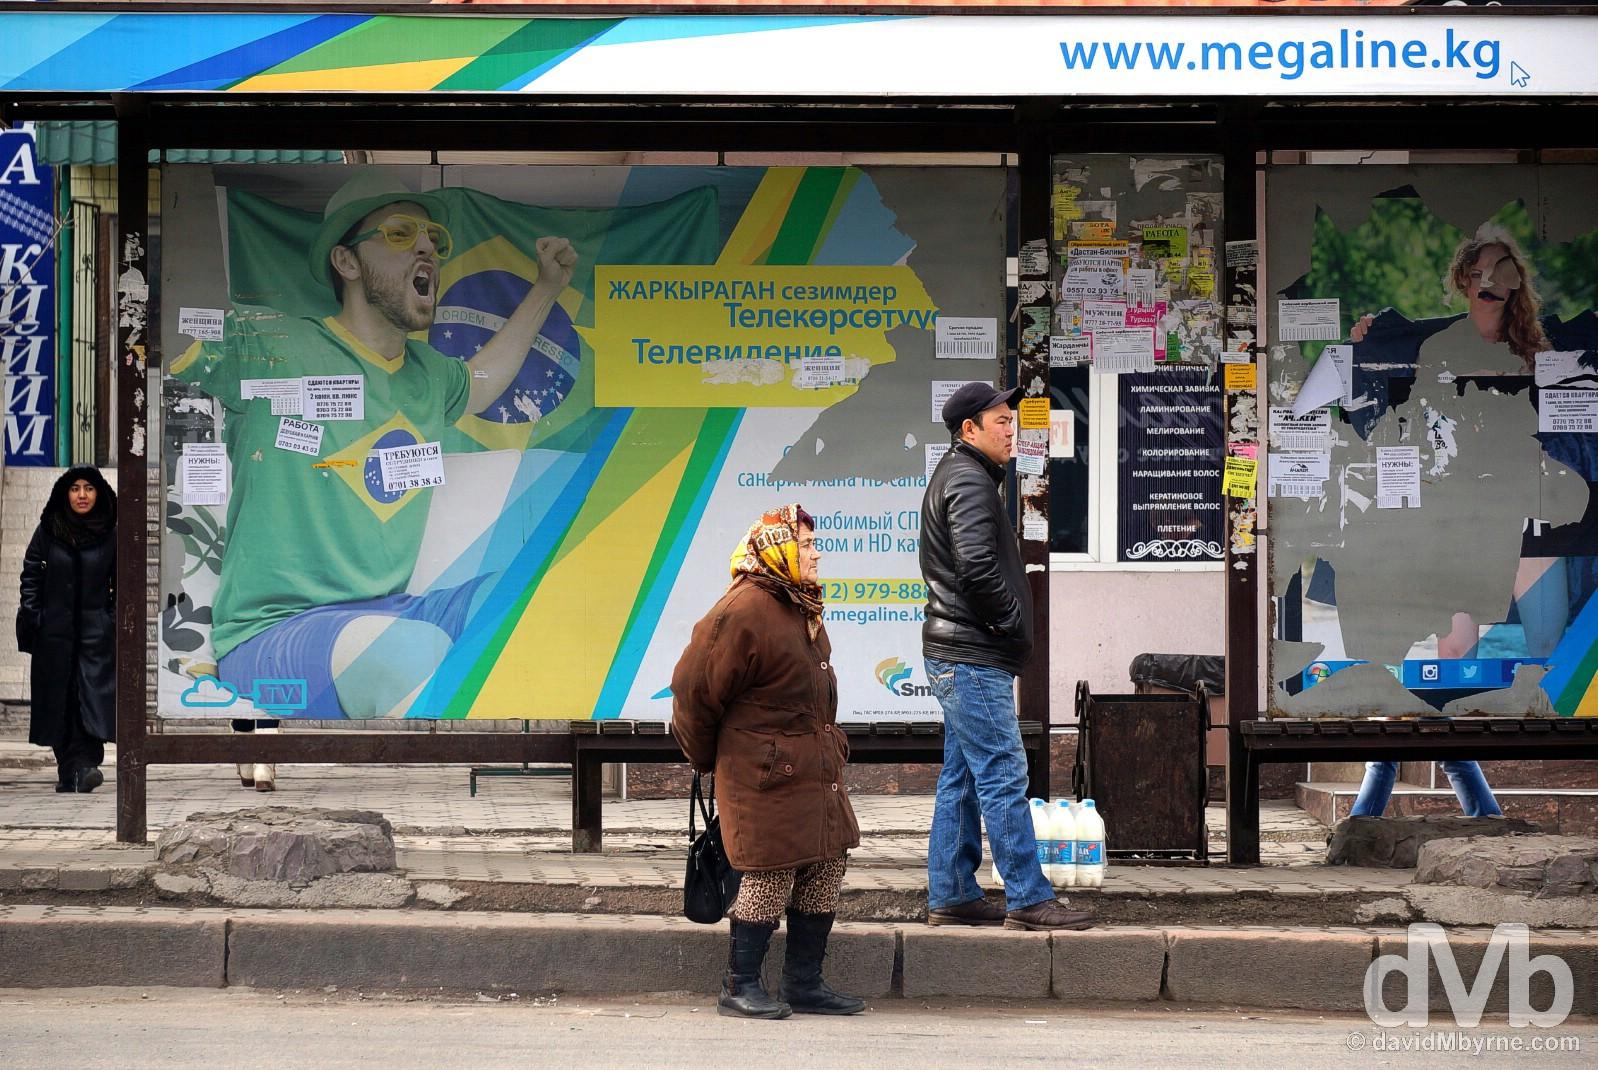 Waiting for the bus on Moskva/Moskovskaya Street in Bishkek, Kyrgyzstan. February 23, 2015.